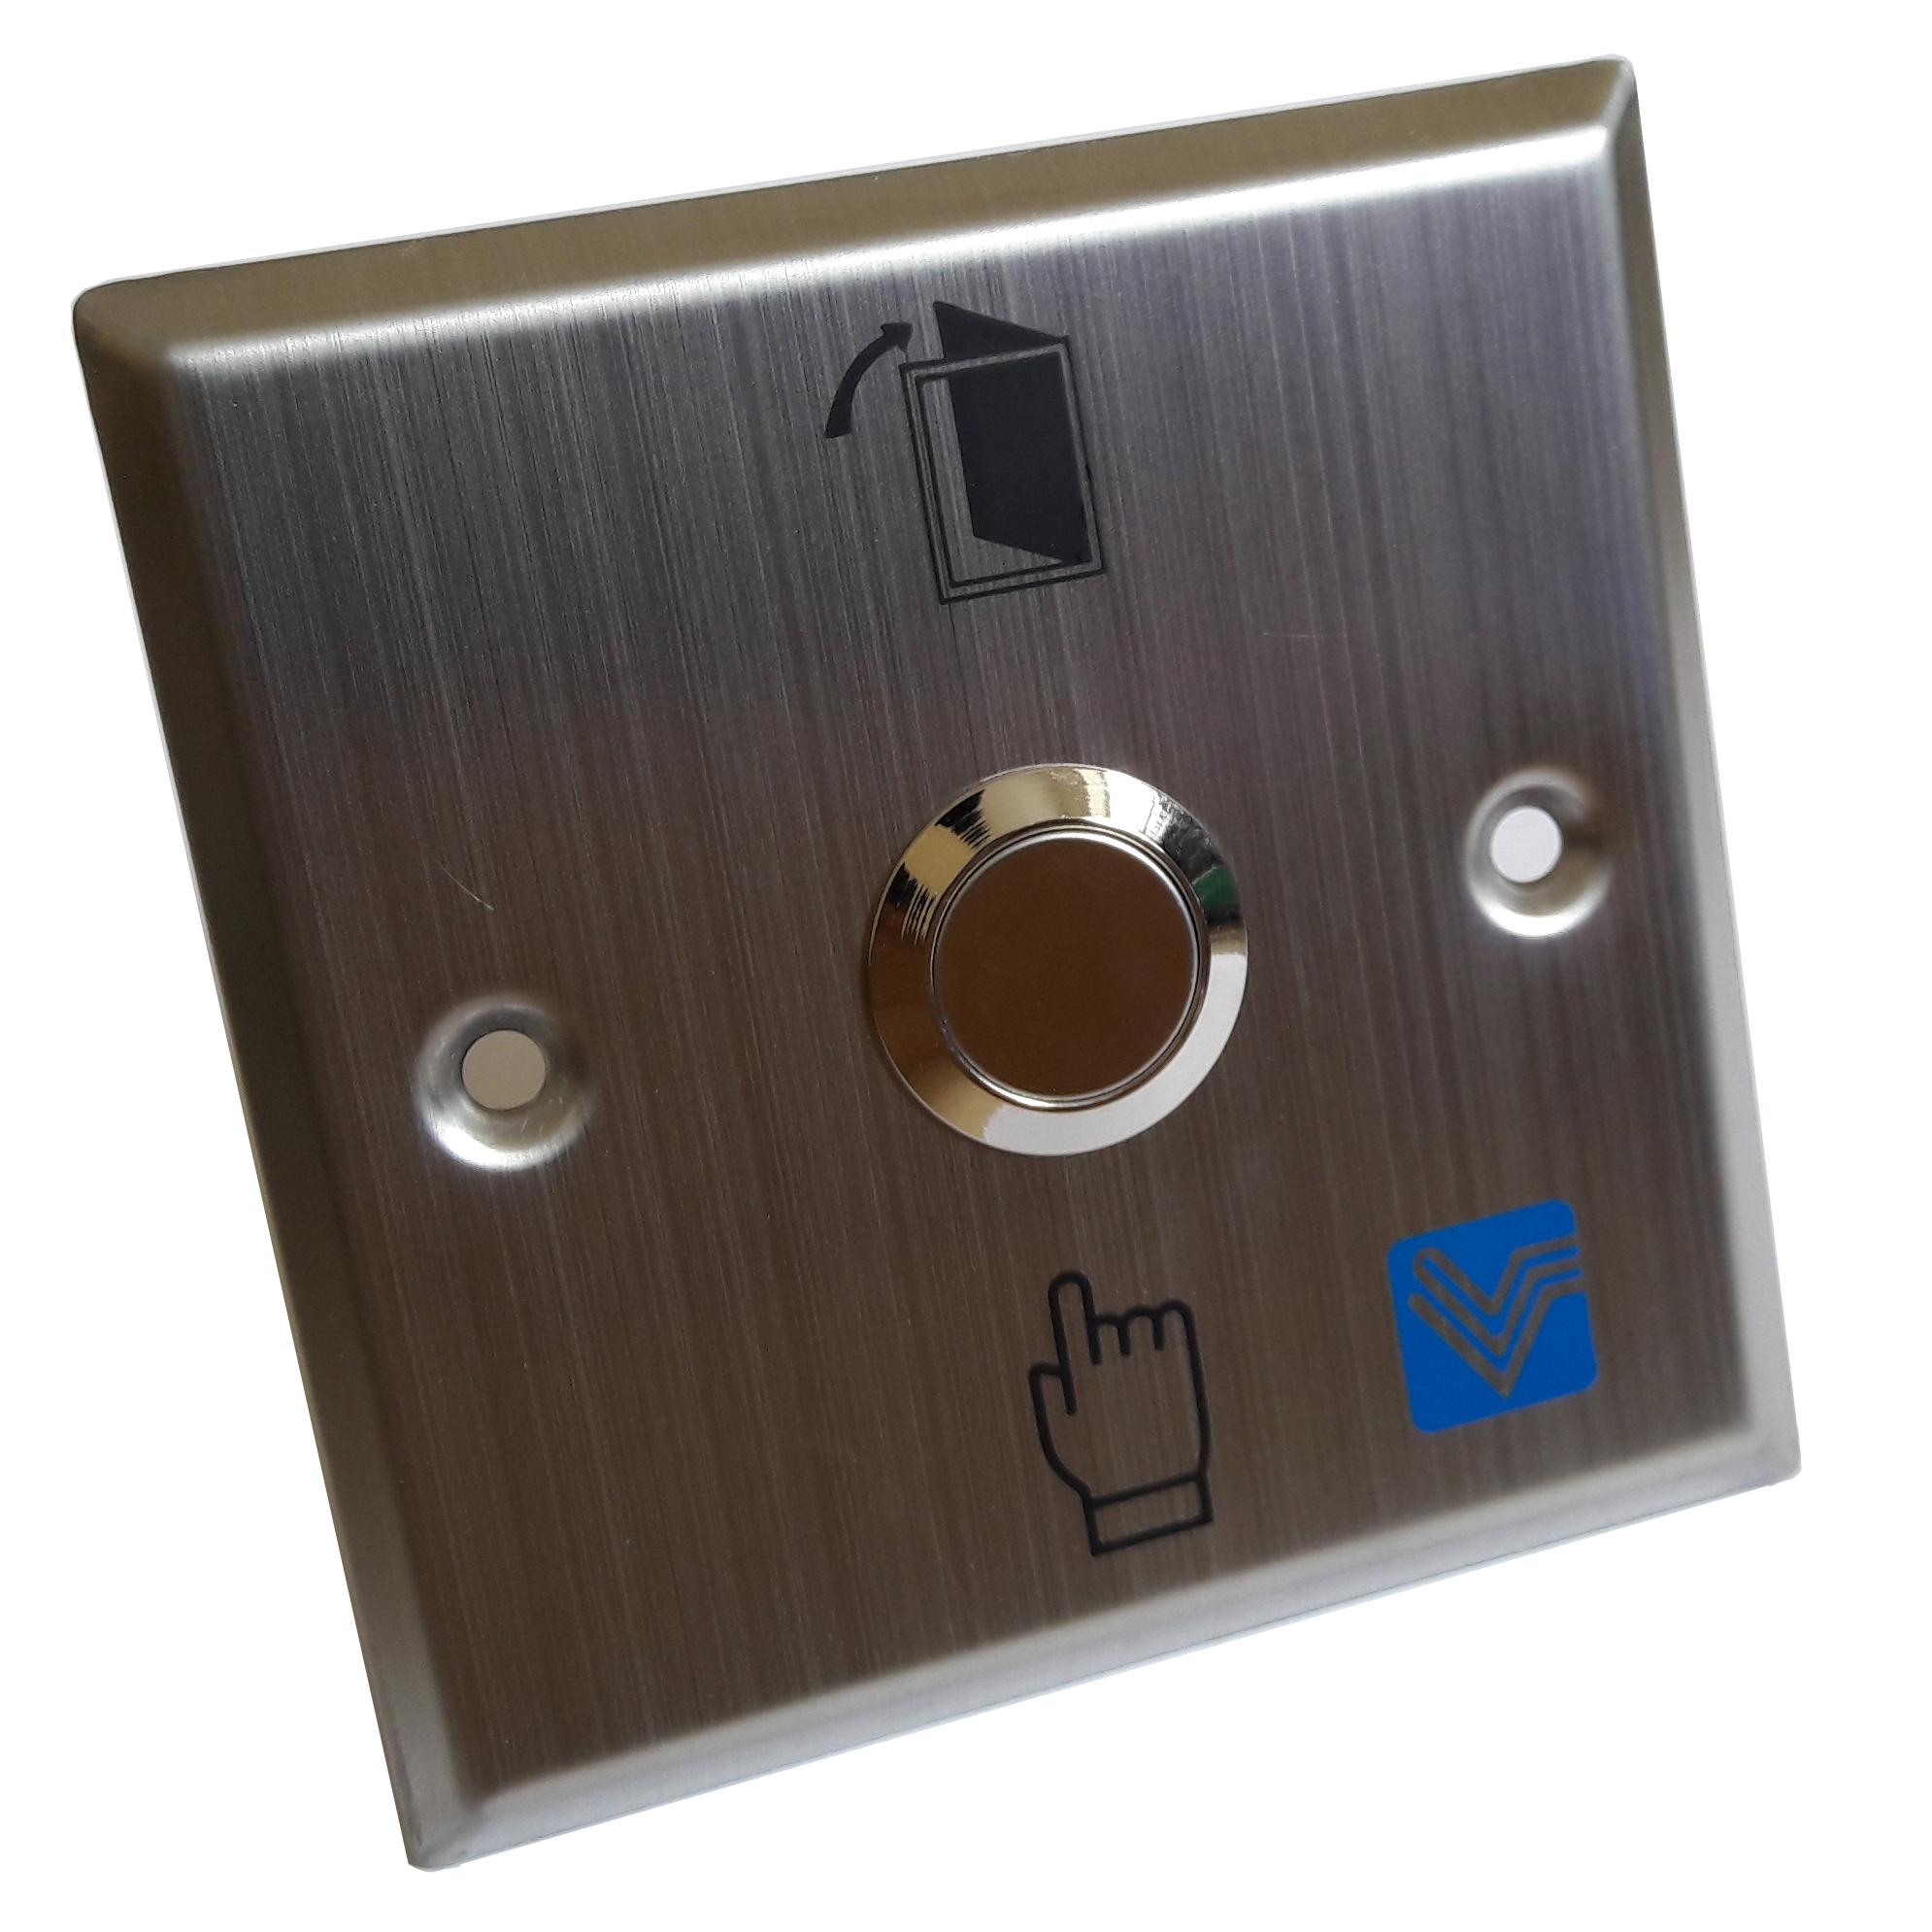 Nút bấm inox ấn trực tiếp(dùng cho kiểm soát cửa)